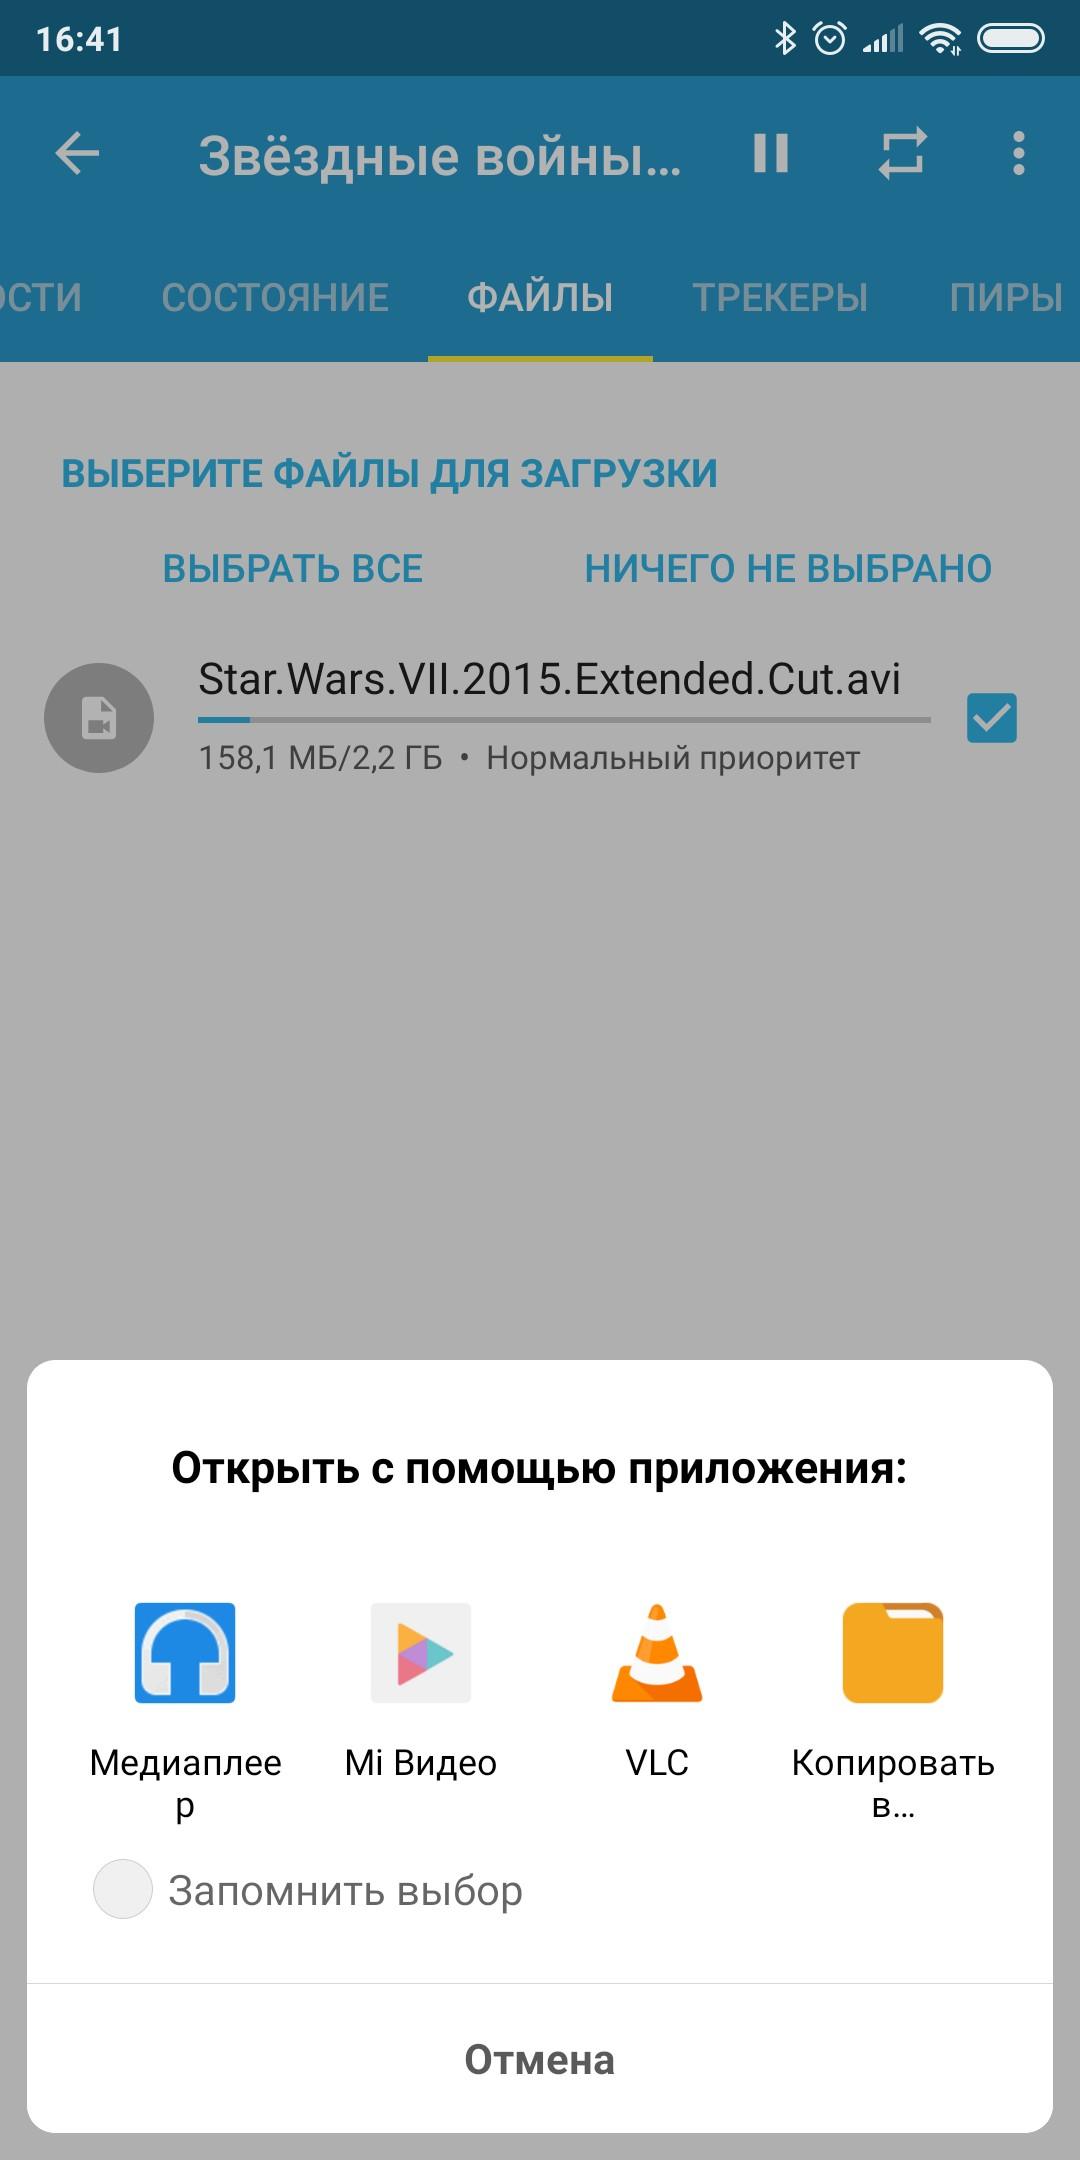 Андроид / app скачать фильм торрент 2013 -.